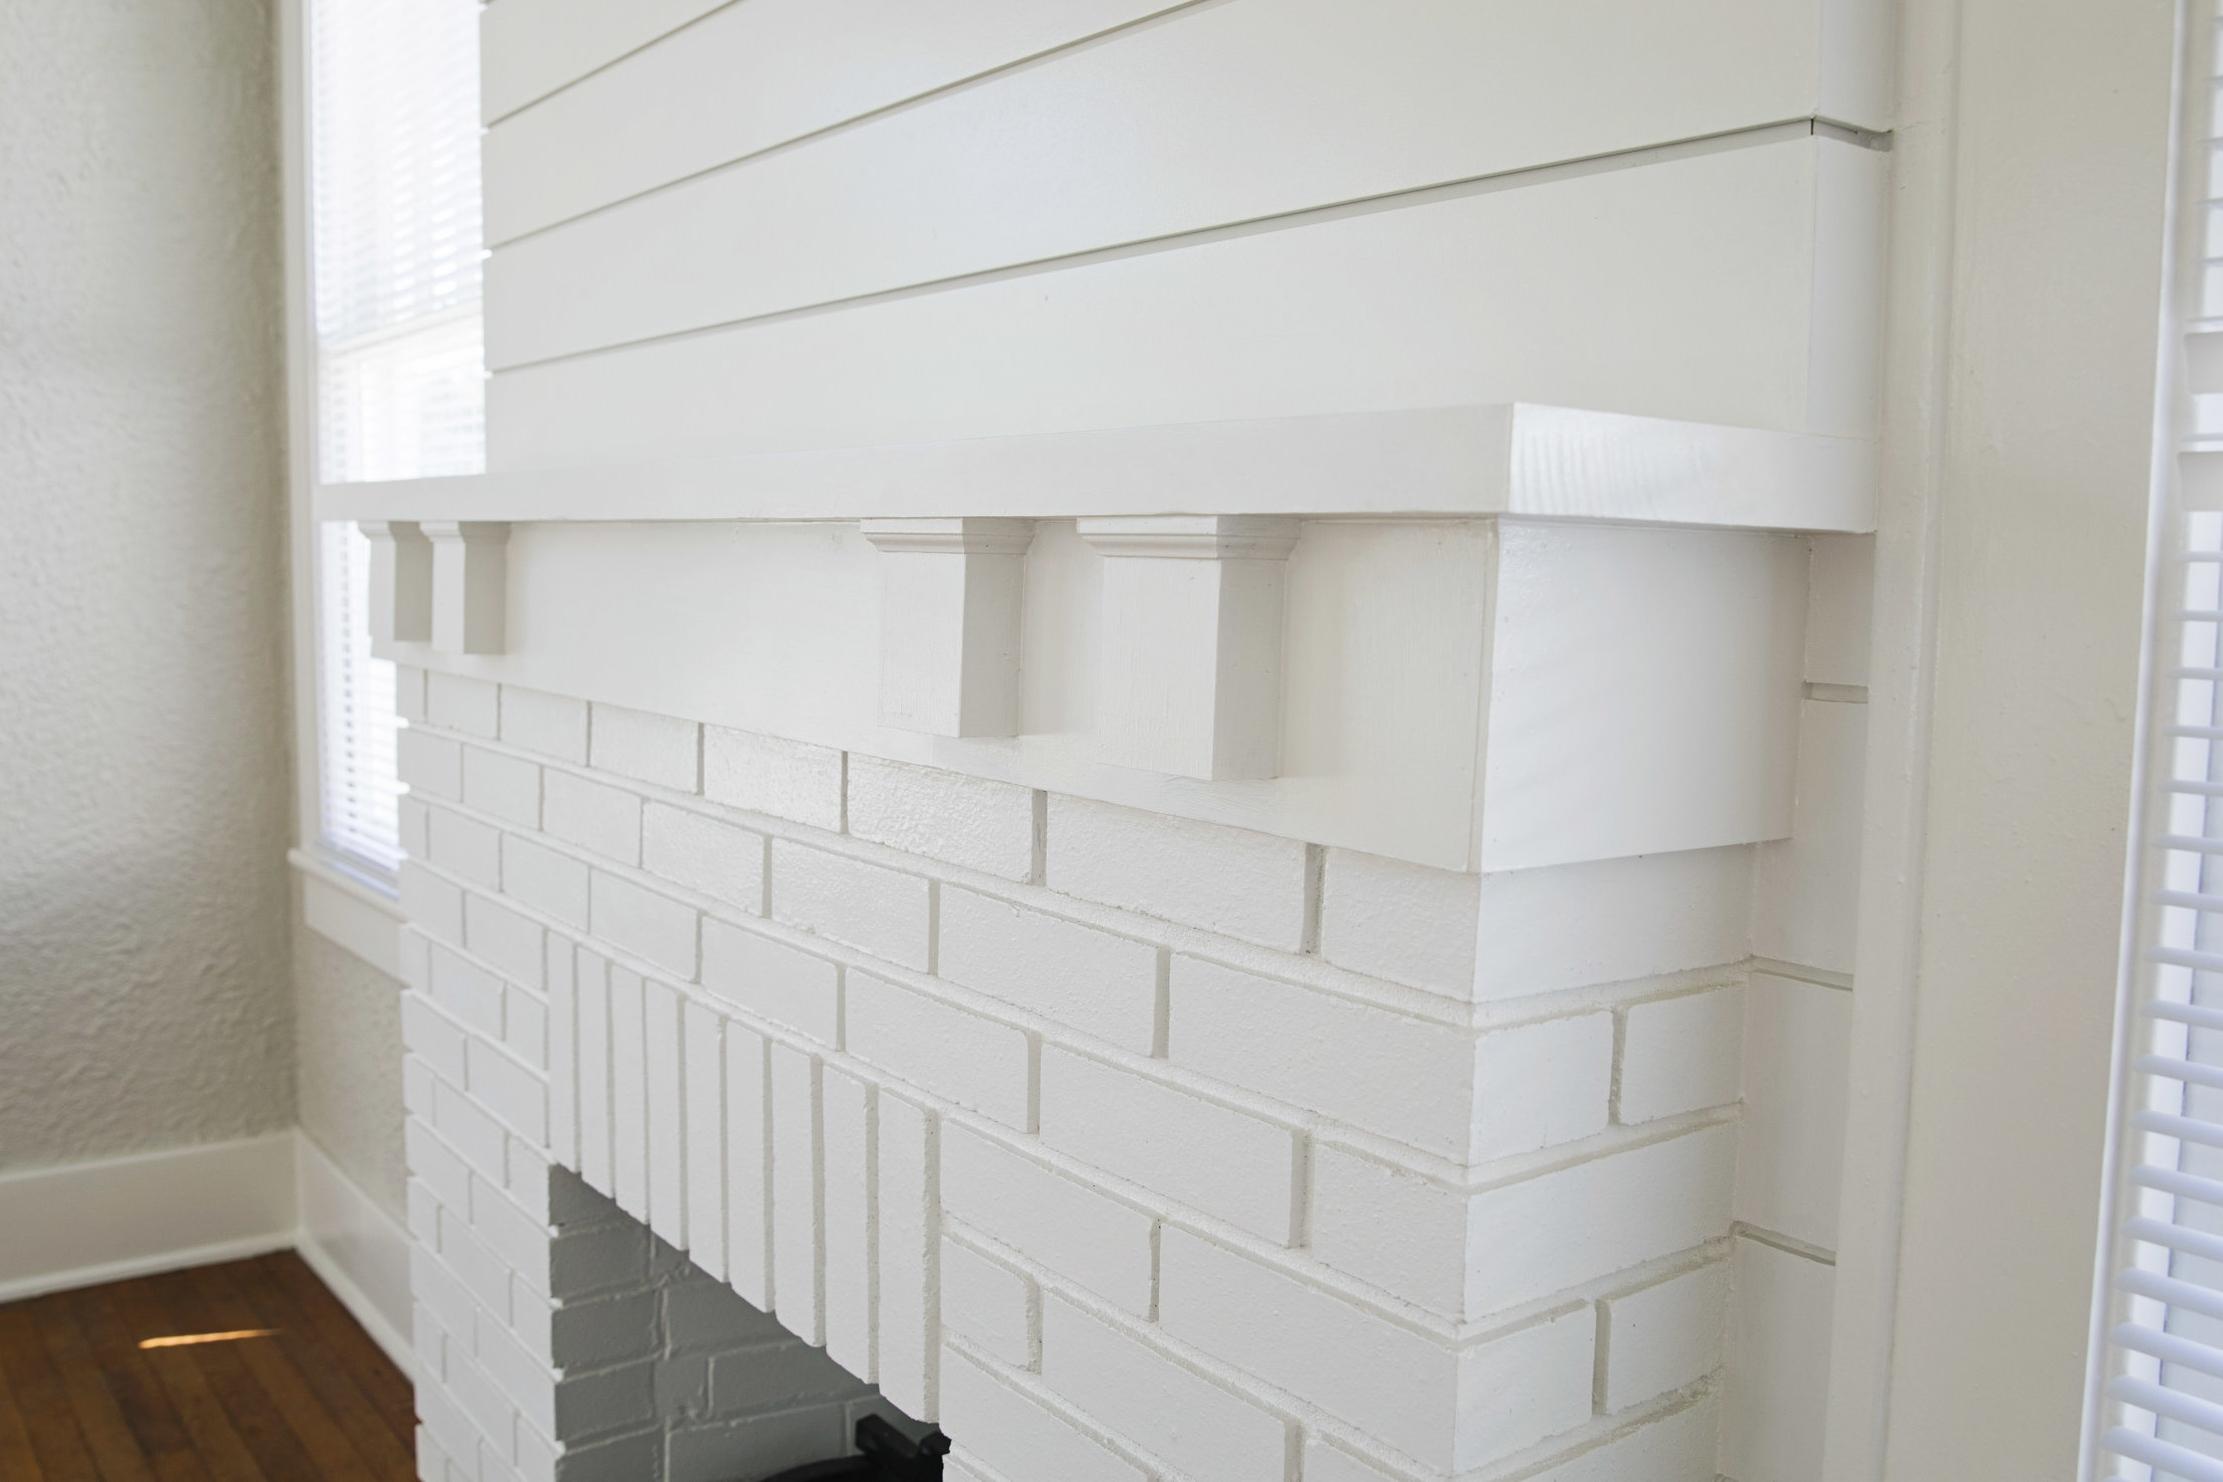 fireplace mantel makeover 3a design studio pensacola interior design.jpg